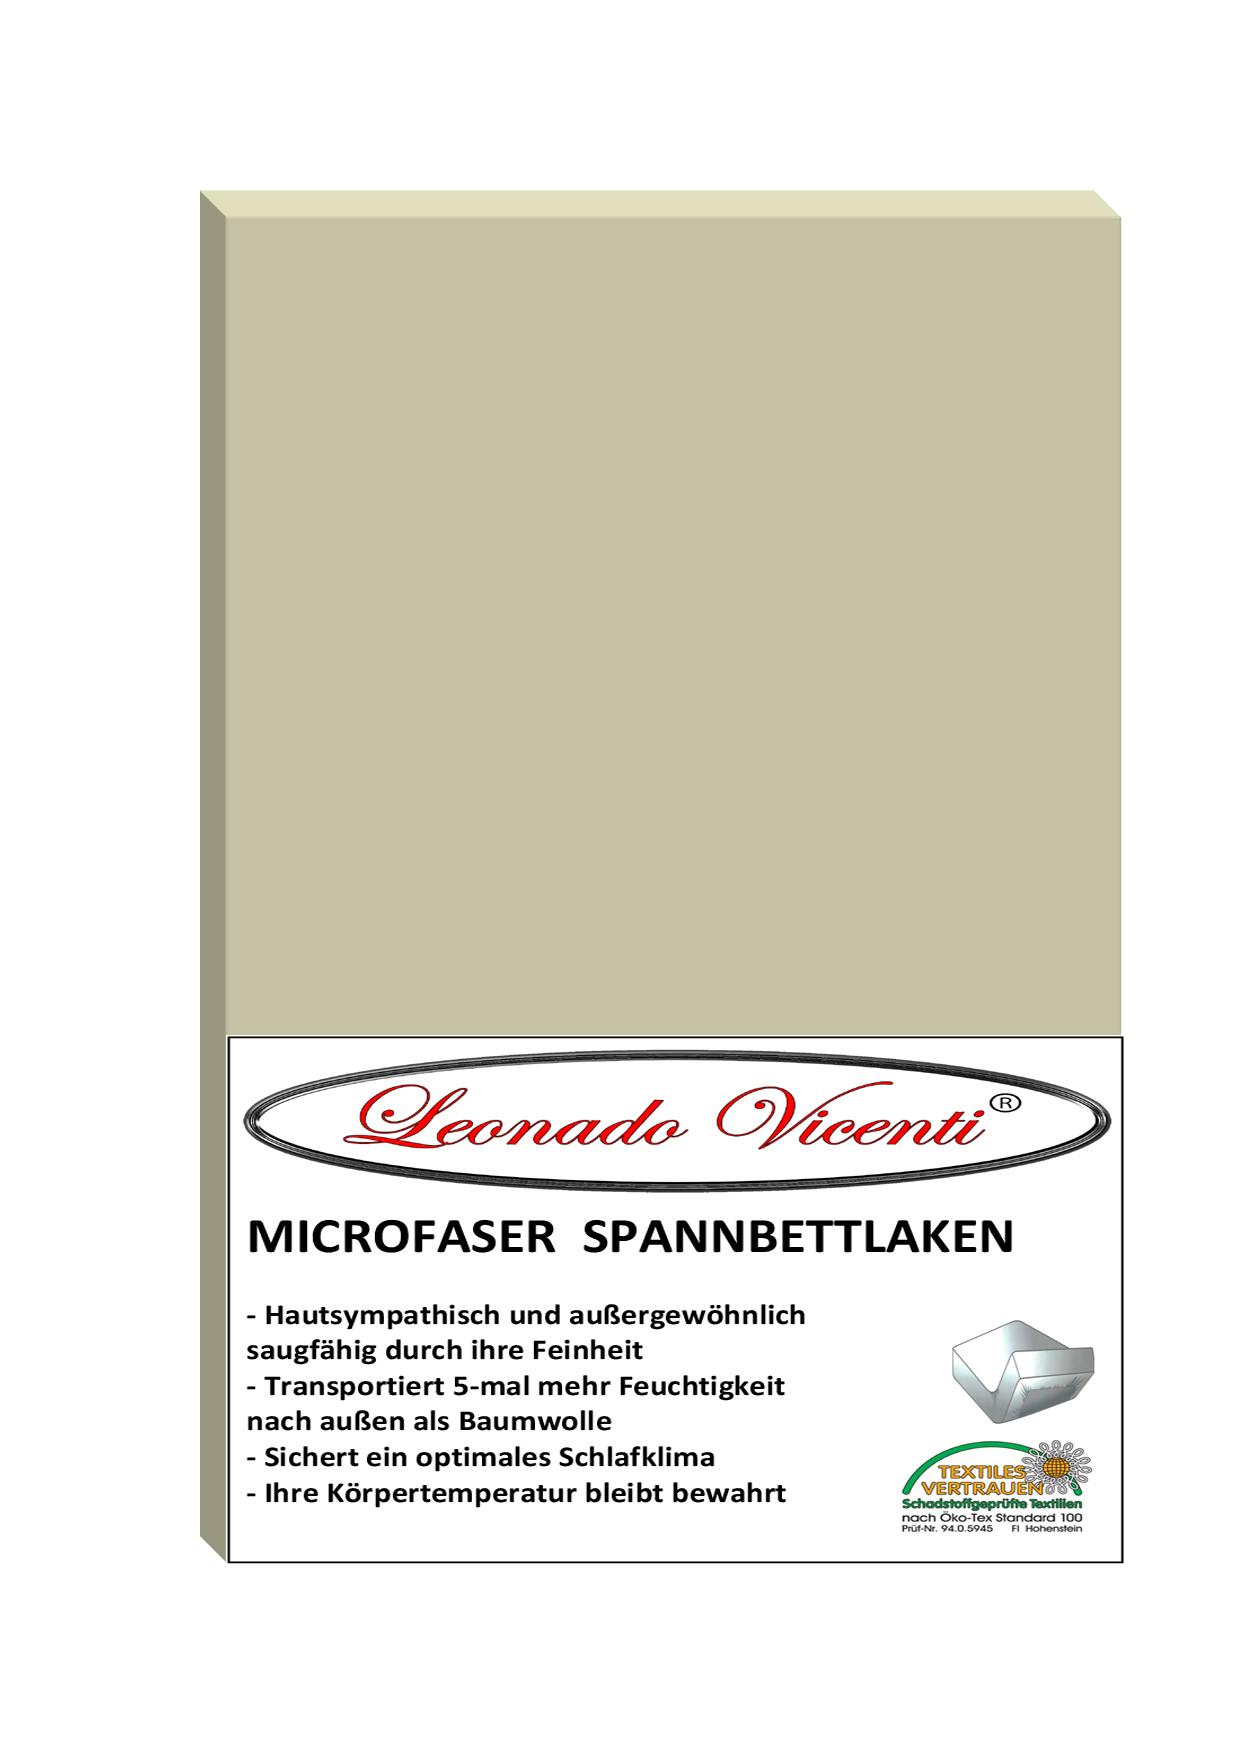 microfaser spannbettlaken 180 200x200 cm beige f r standardmatratzen. Black Bedroom Furniture Sets. Home Design Ideas